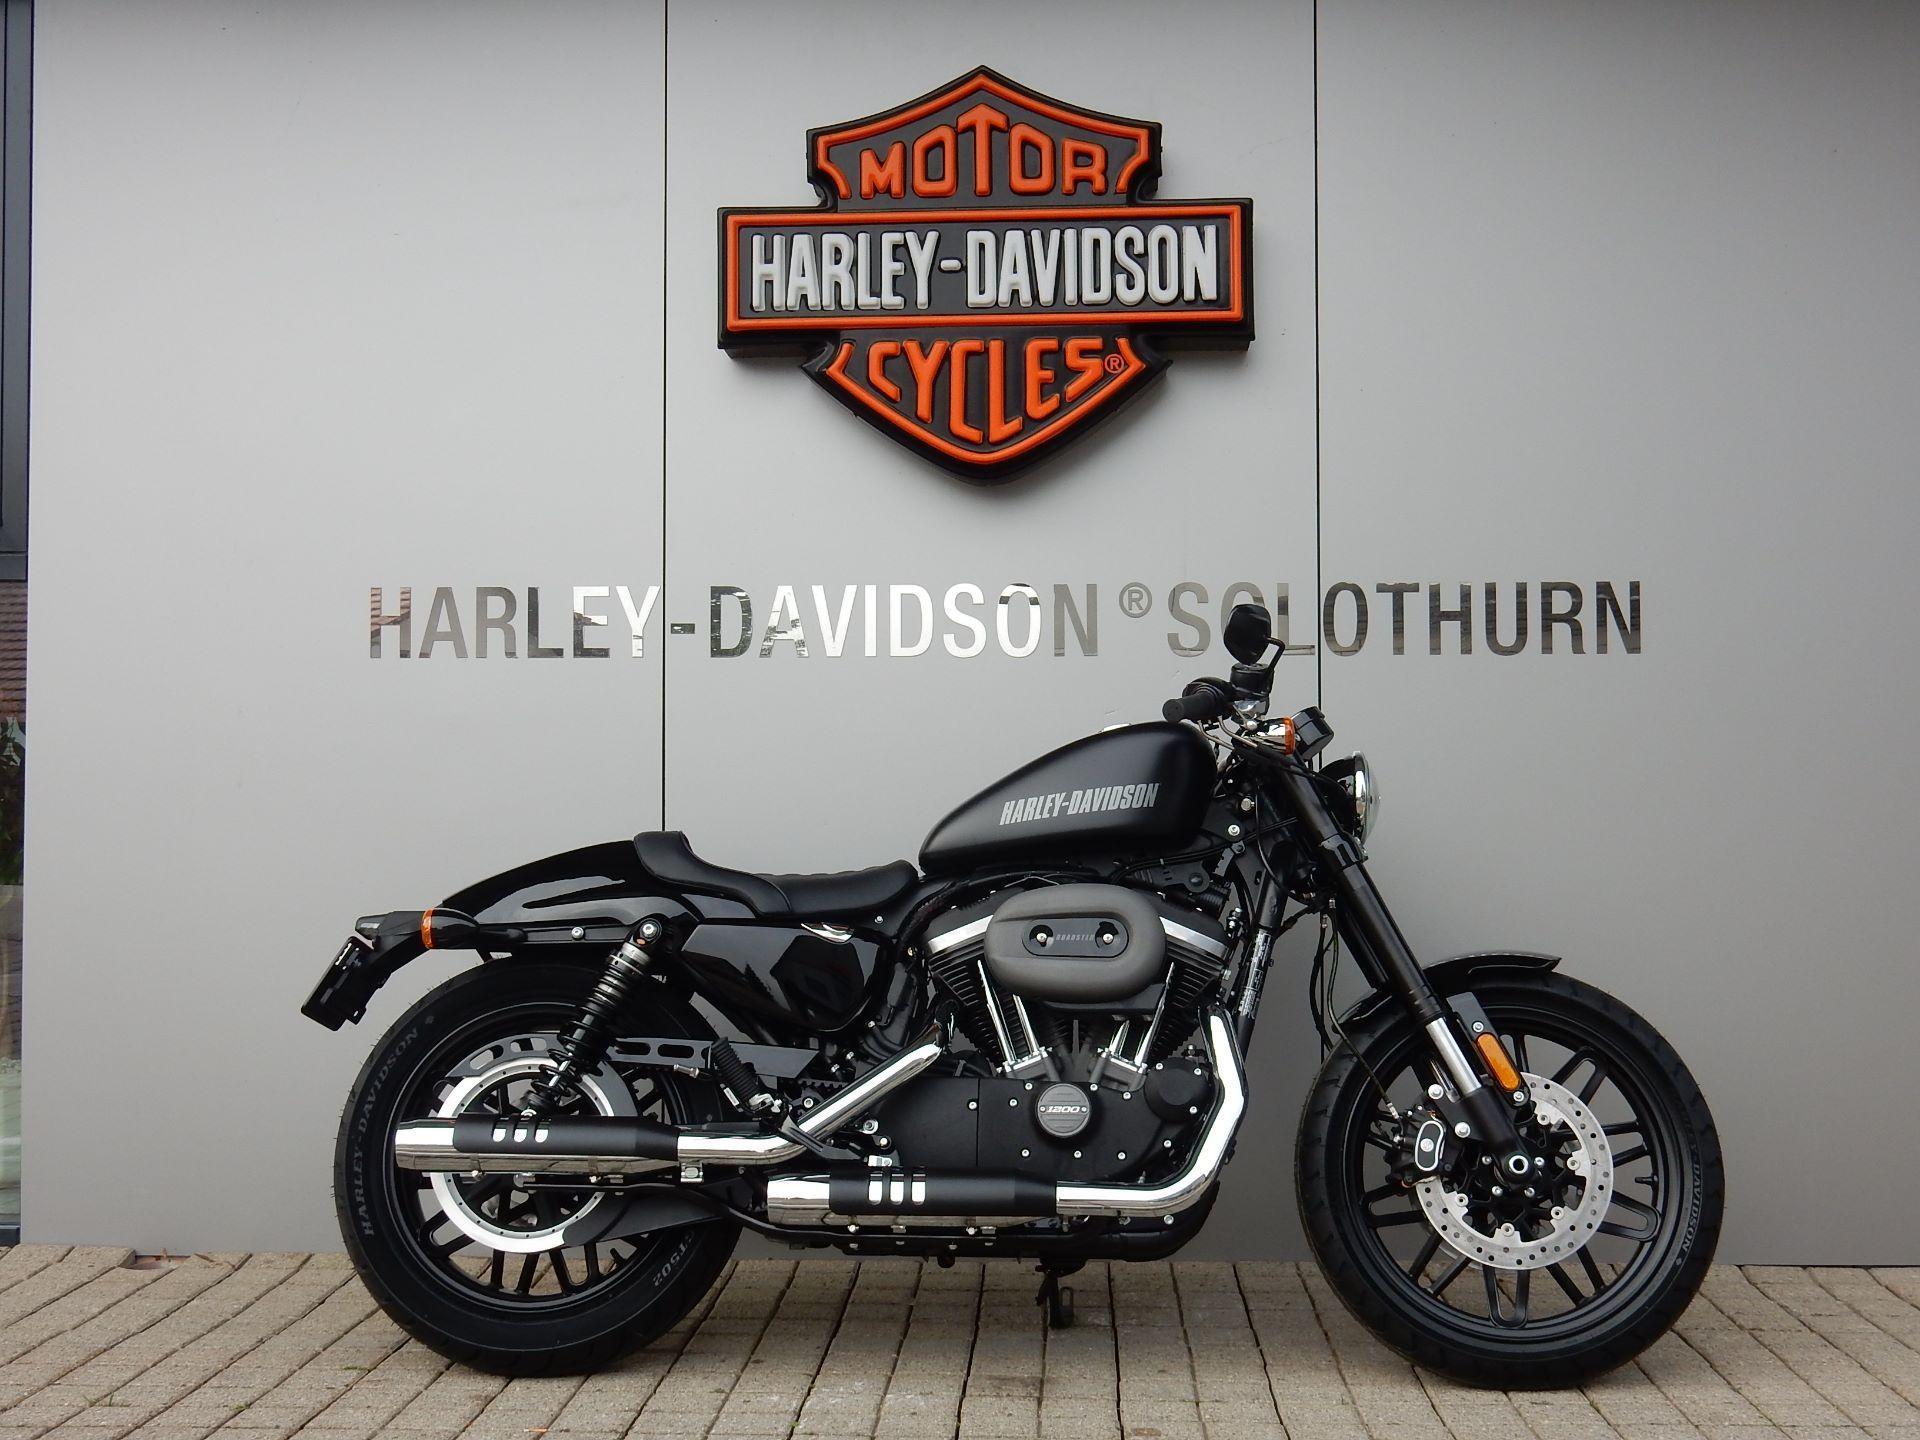 motorrad occasion kaufen harley davidson xl 1200 cx sportster roadster abs arni harley davidson. Black Bedroom Furniture Sets. Home Design Ideas